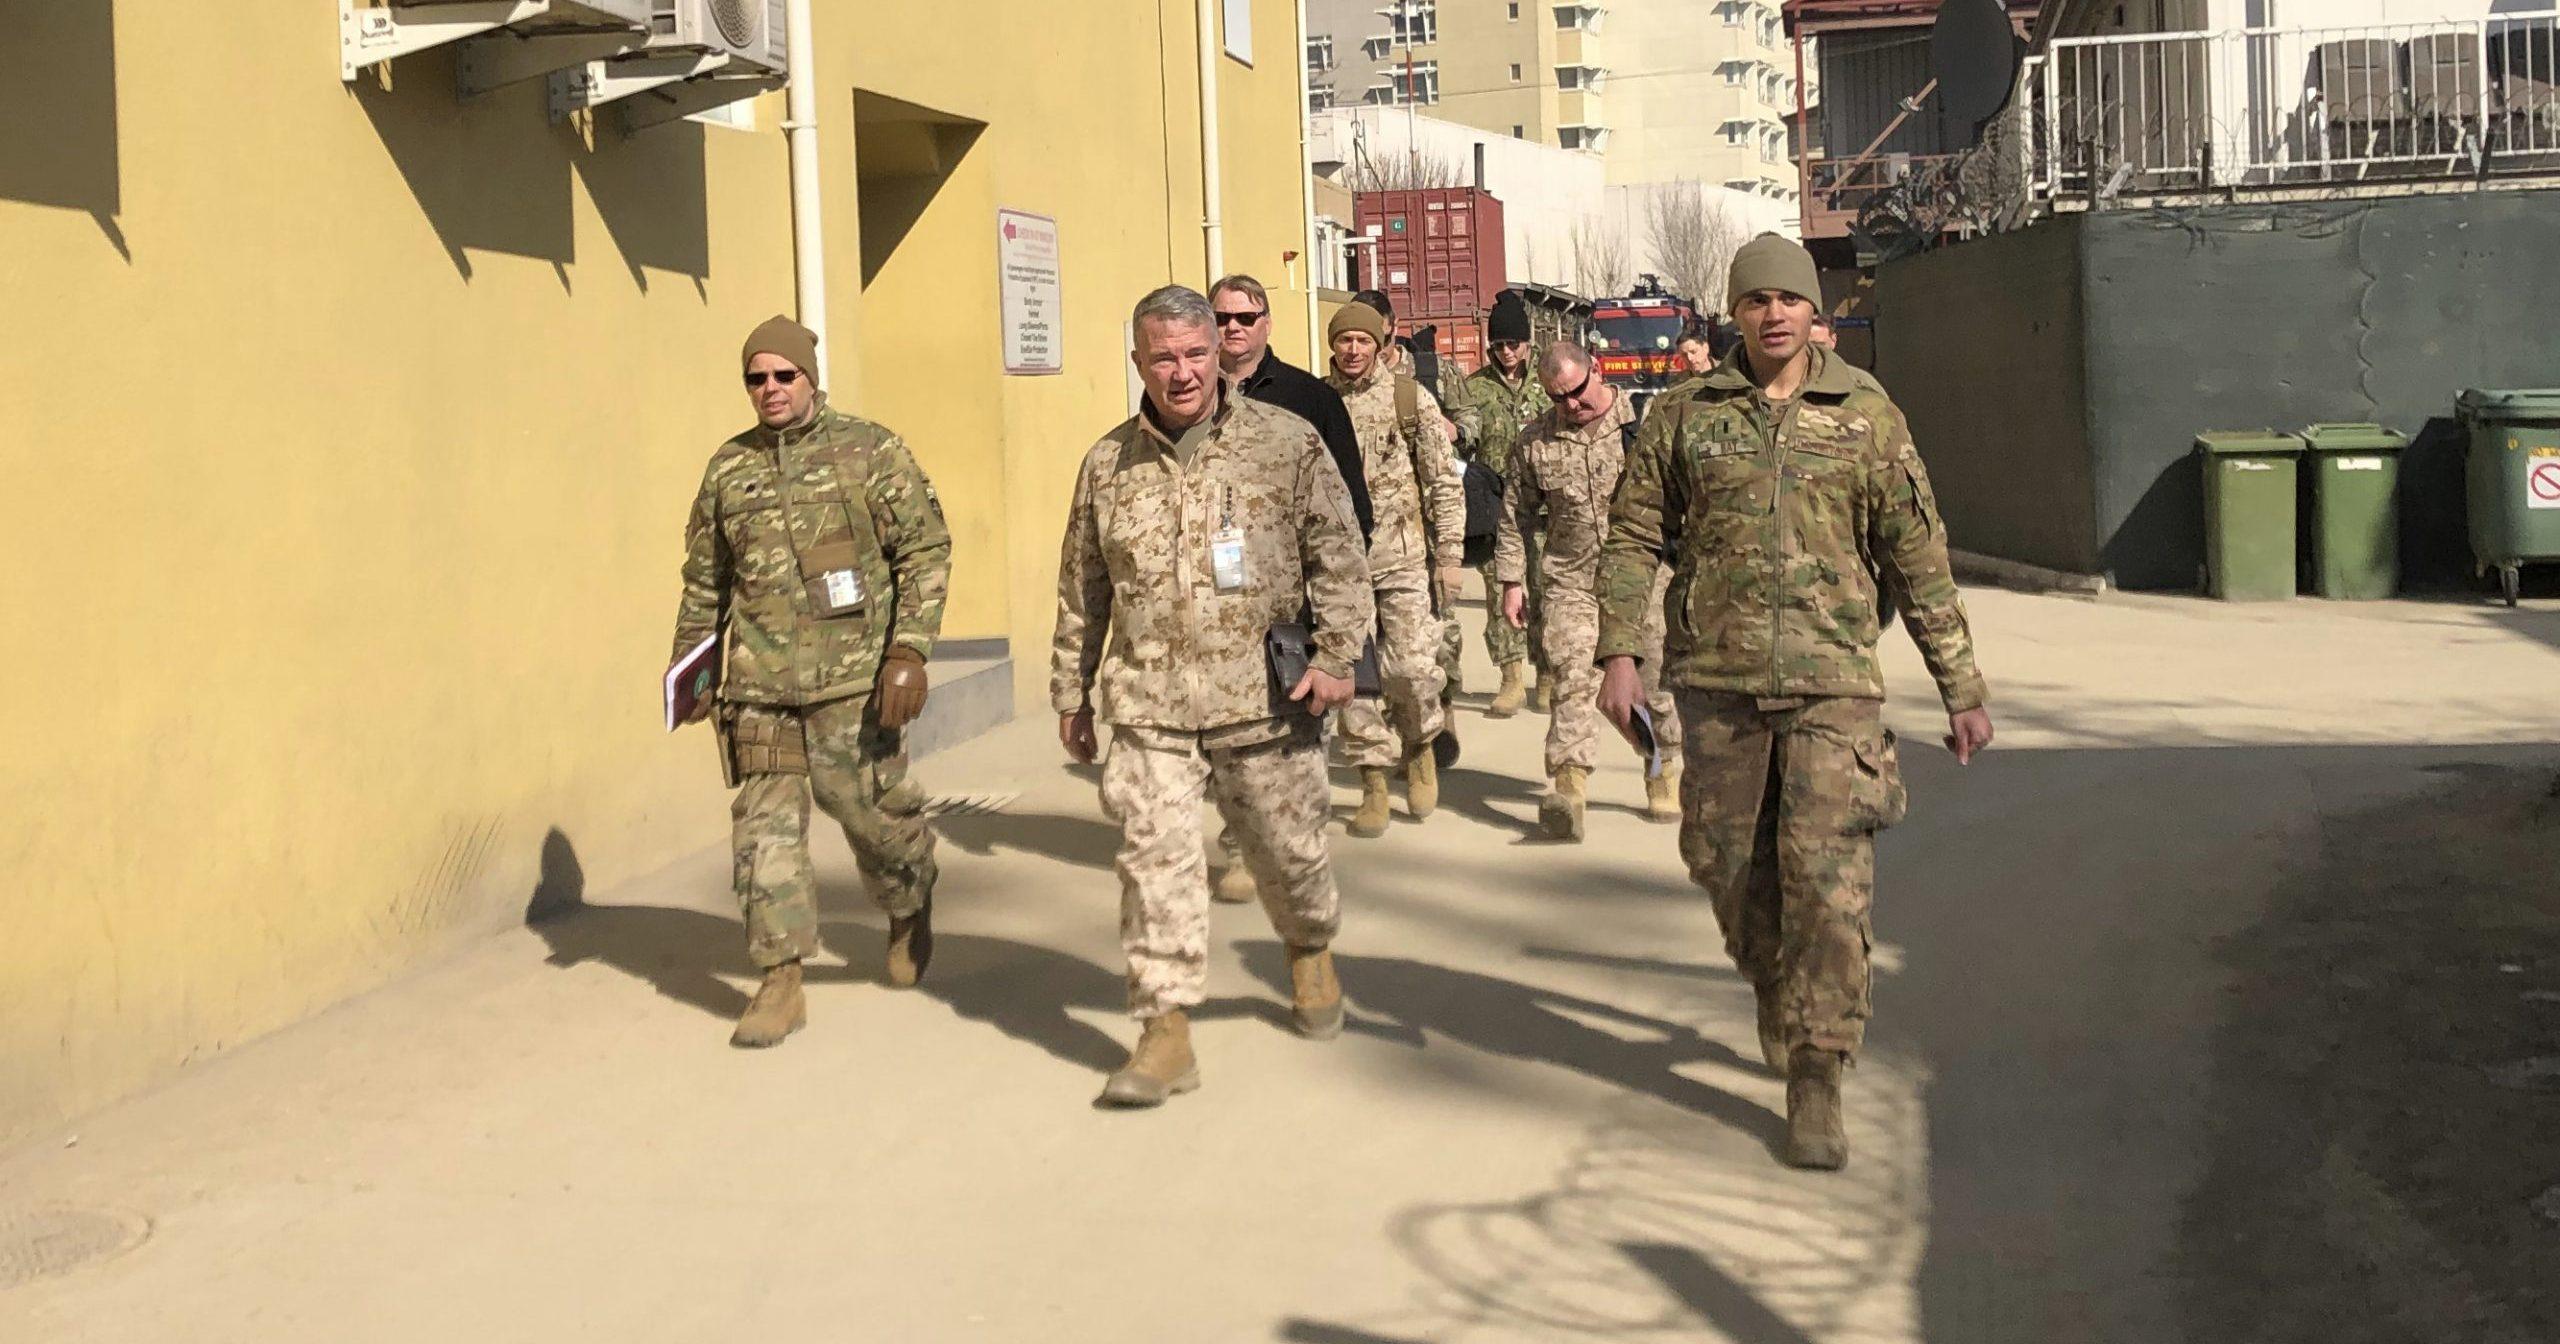 Marine Gen. Frank McKenzie, center, top U.S. commander for the Middle East, visits Kabul, Afghanistan, on Jan. 31, 2020.